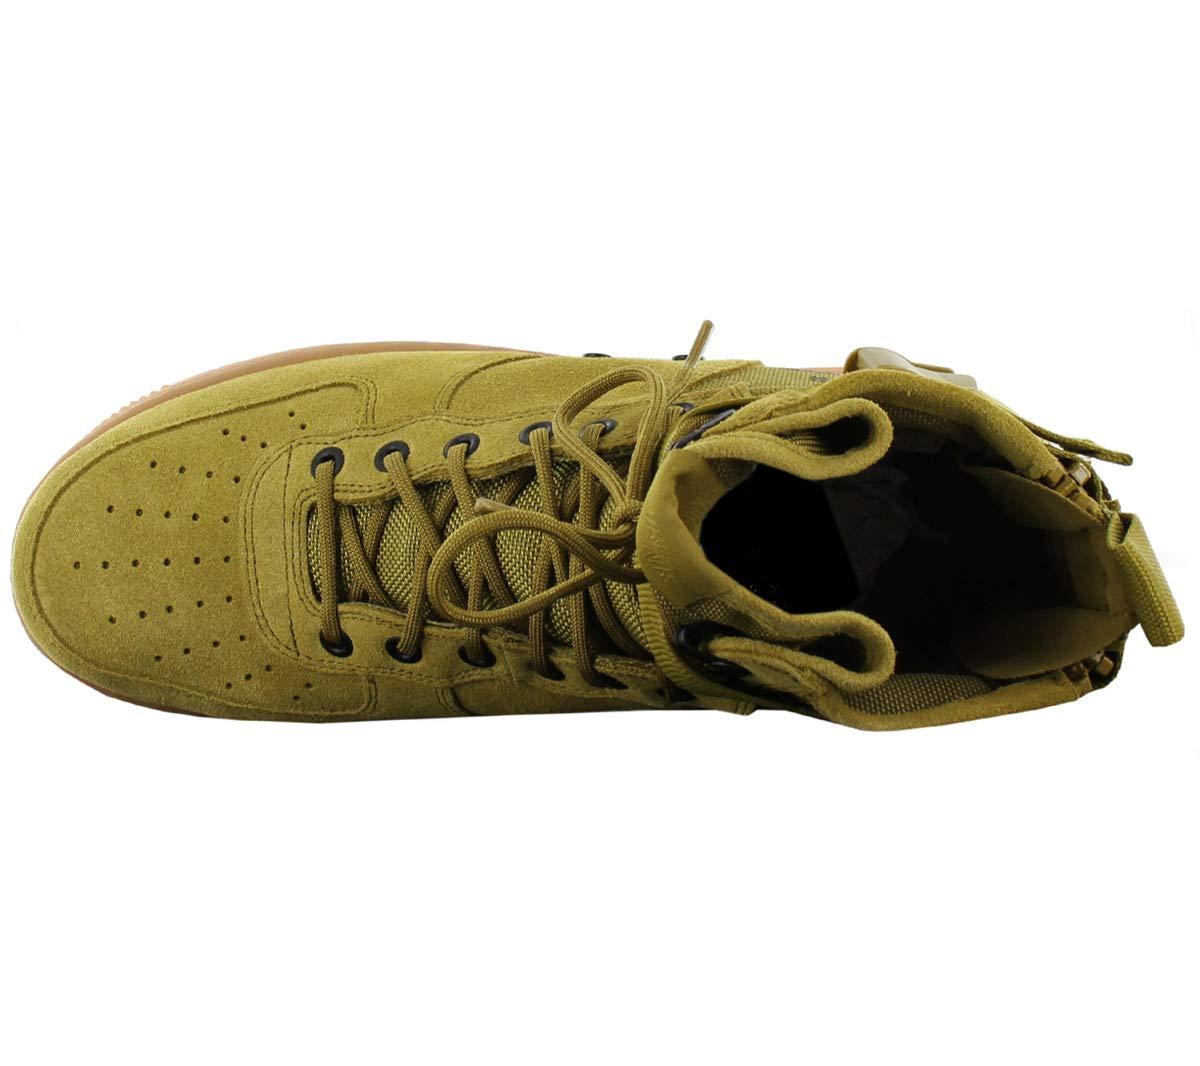 615XQBdI8OL - Nike Men's Sf Af1 Mid Gymnastics Shoes